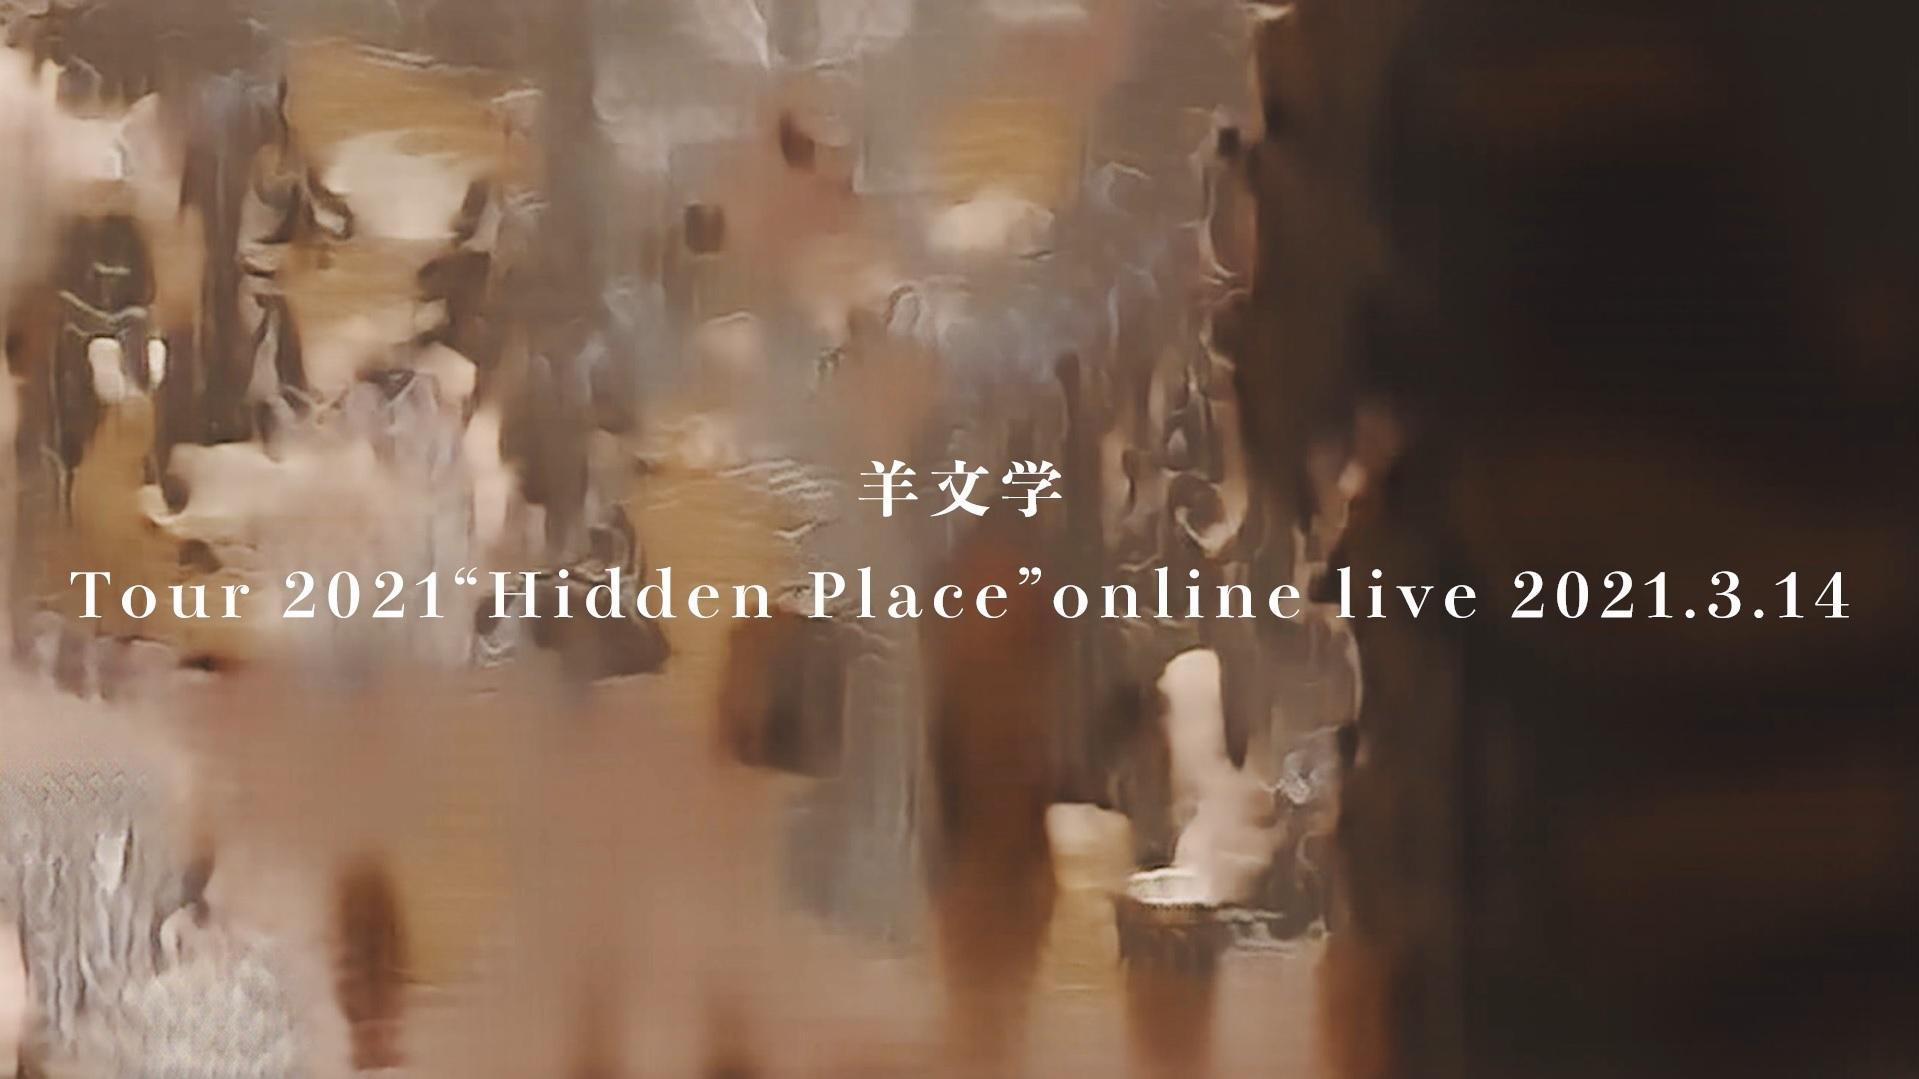 """「羊文学 Tour 2021 """"Hidden Place"""" online live 2021.3.14」スクリーンショット"""